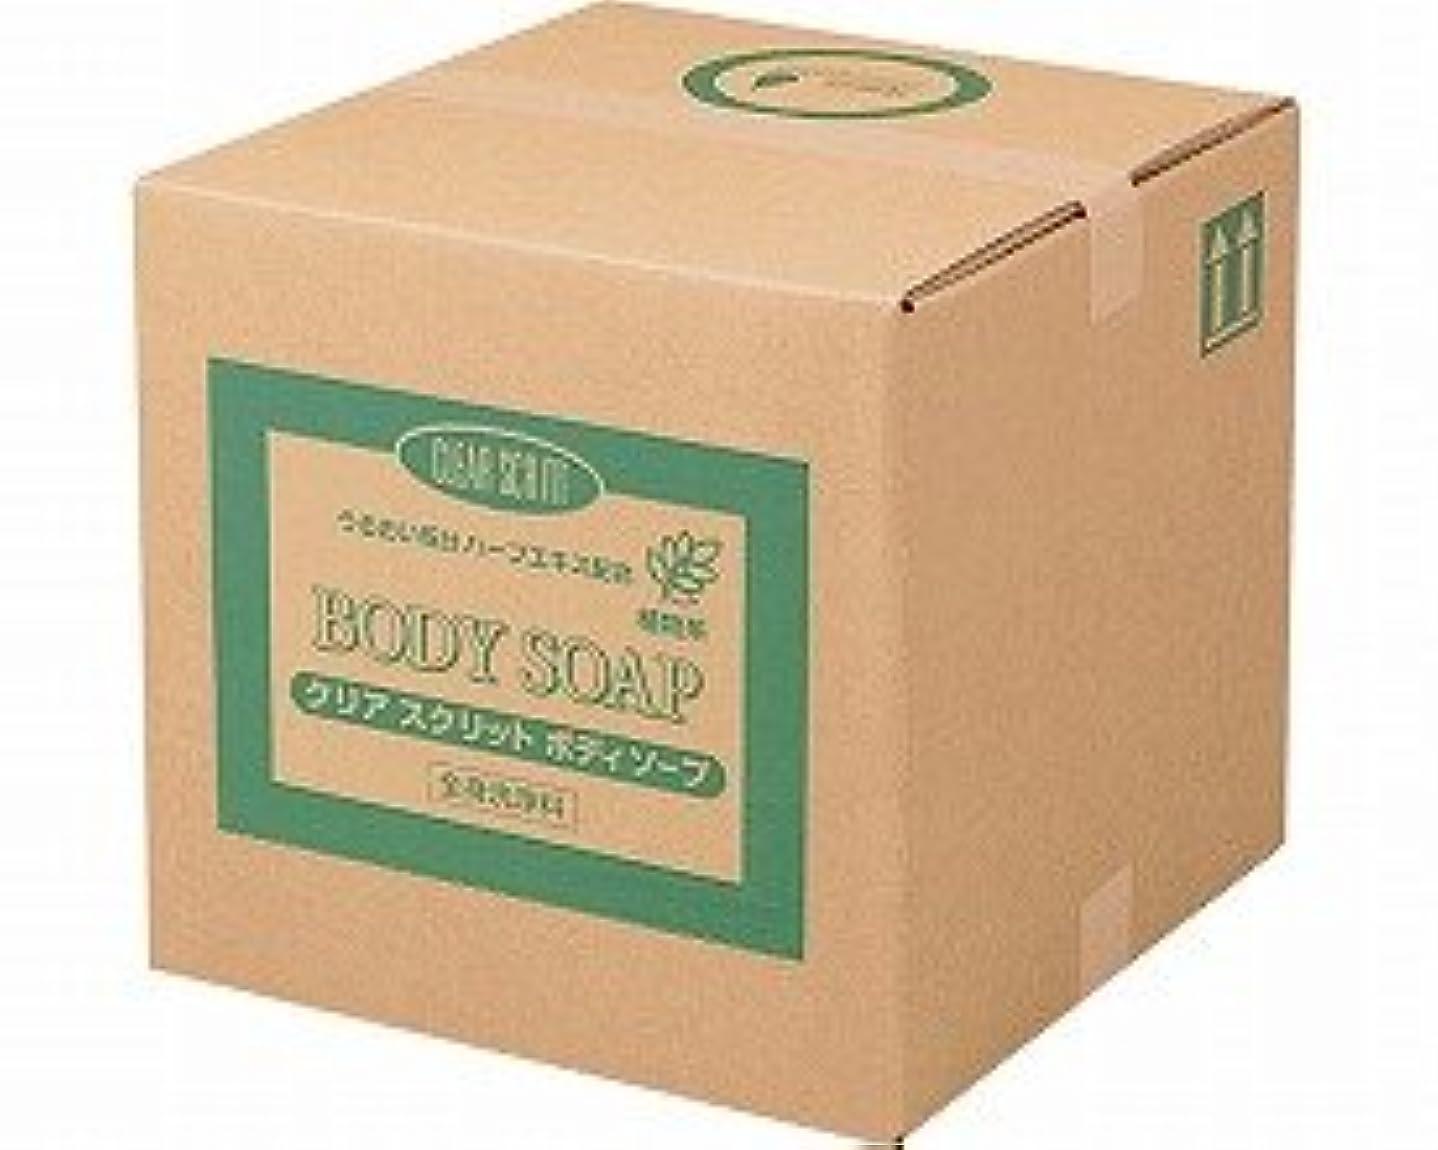 偏見品種ウォルターカニンガムCLEAR SCRITT(クリアスクリット) ボディソープ 18L コック付 4355 (熊野油脂) (清拭小物)